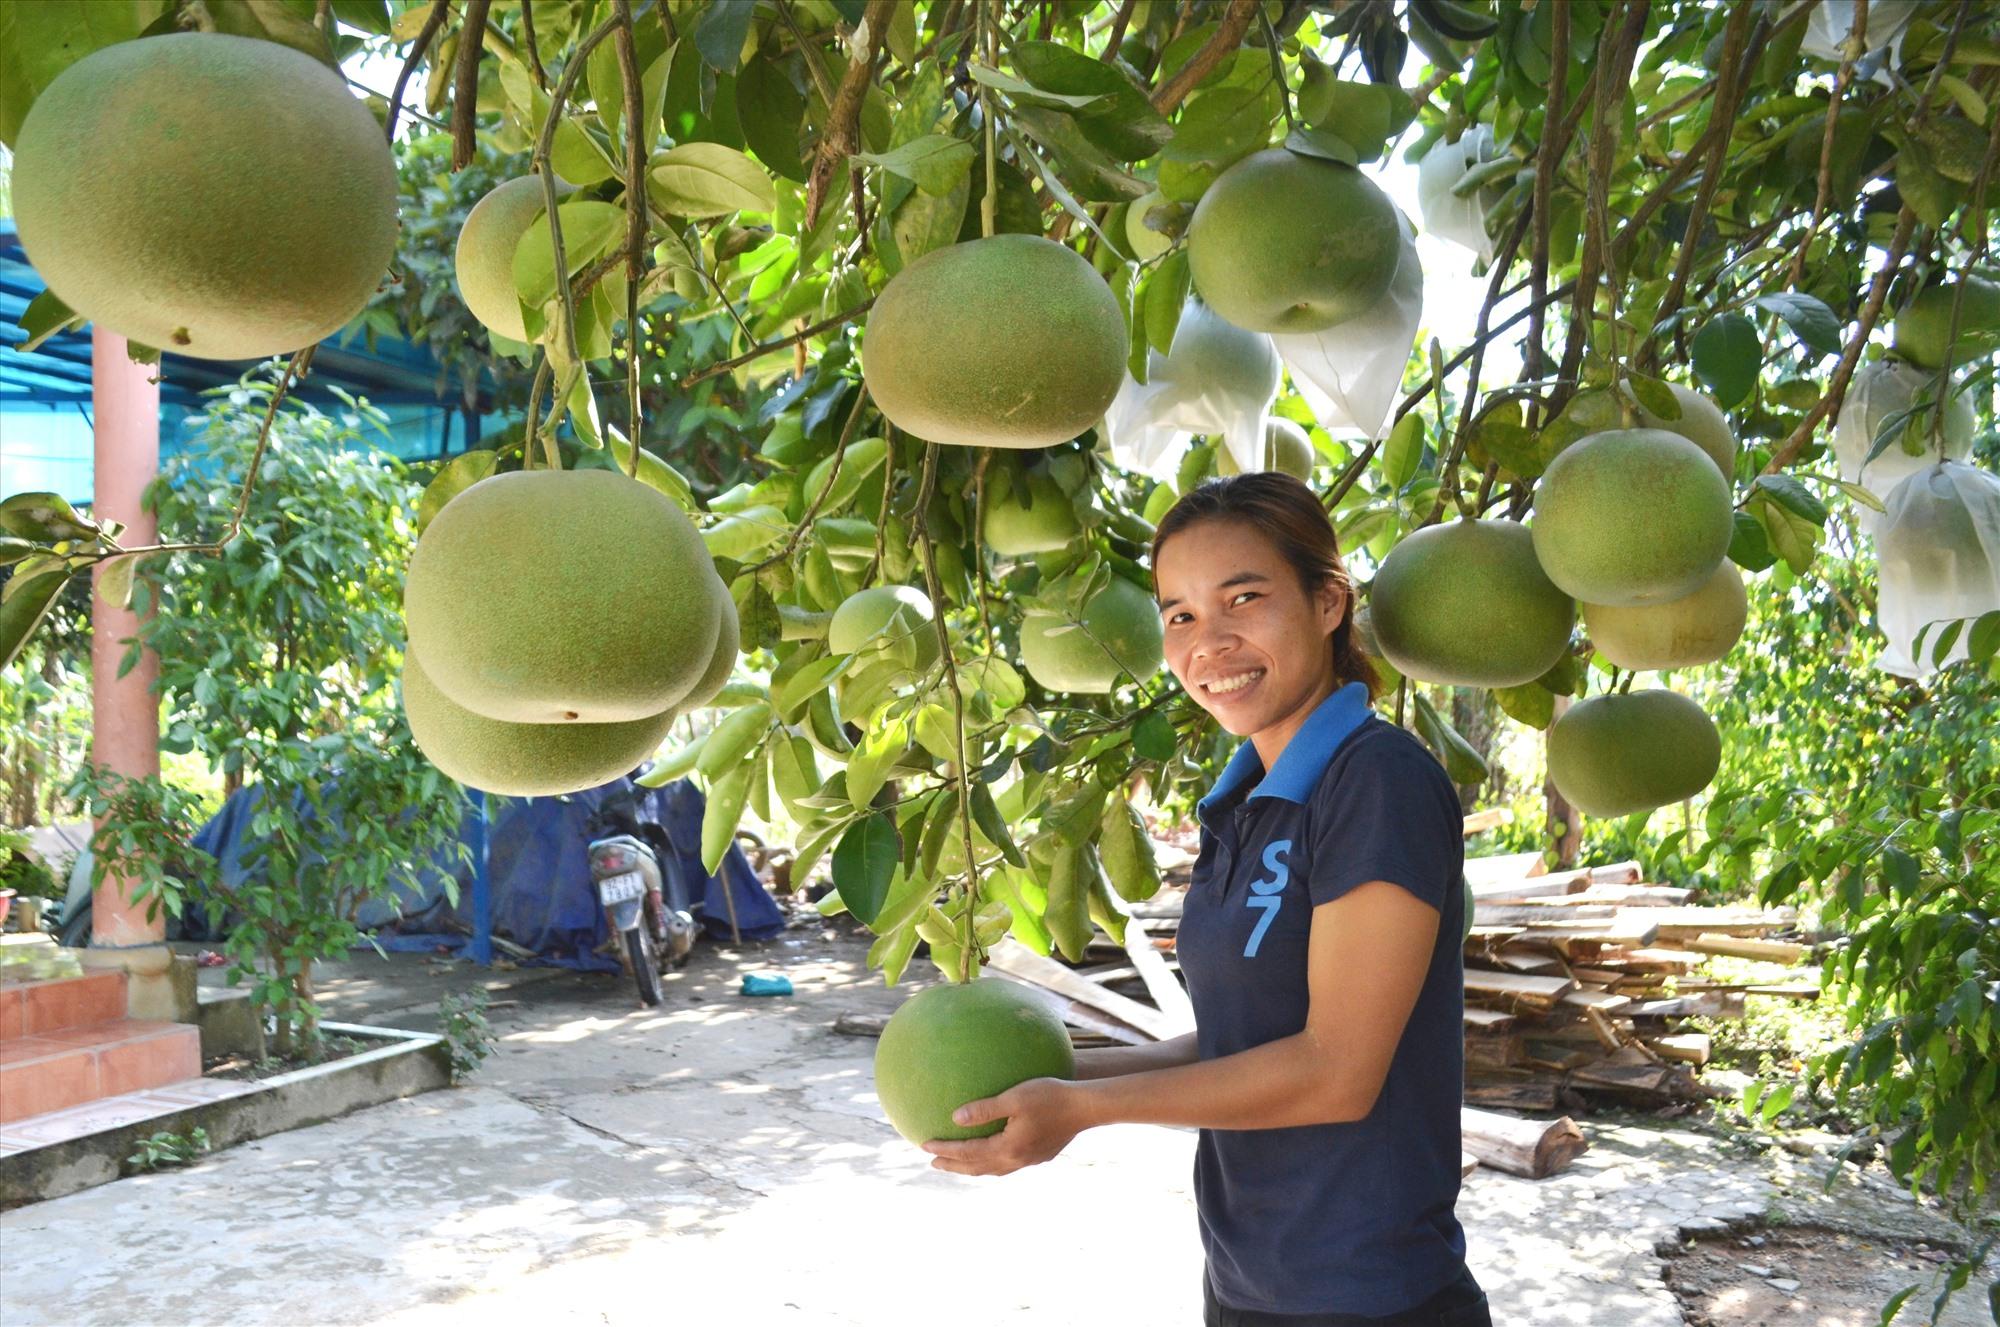 Đông Giang sẽ khuyến khích người dân trồng những loại cây ăn quả phù hợp với thực tế địa phương. Ảnh: C.T